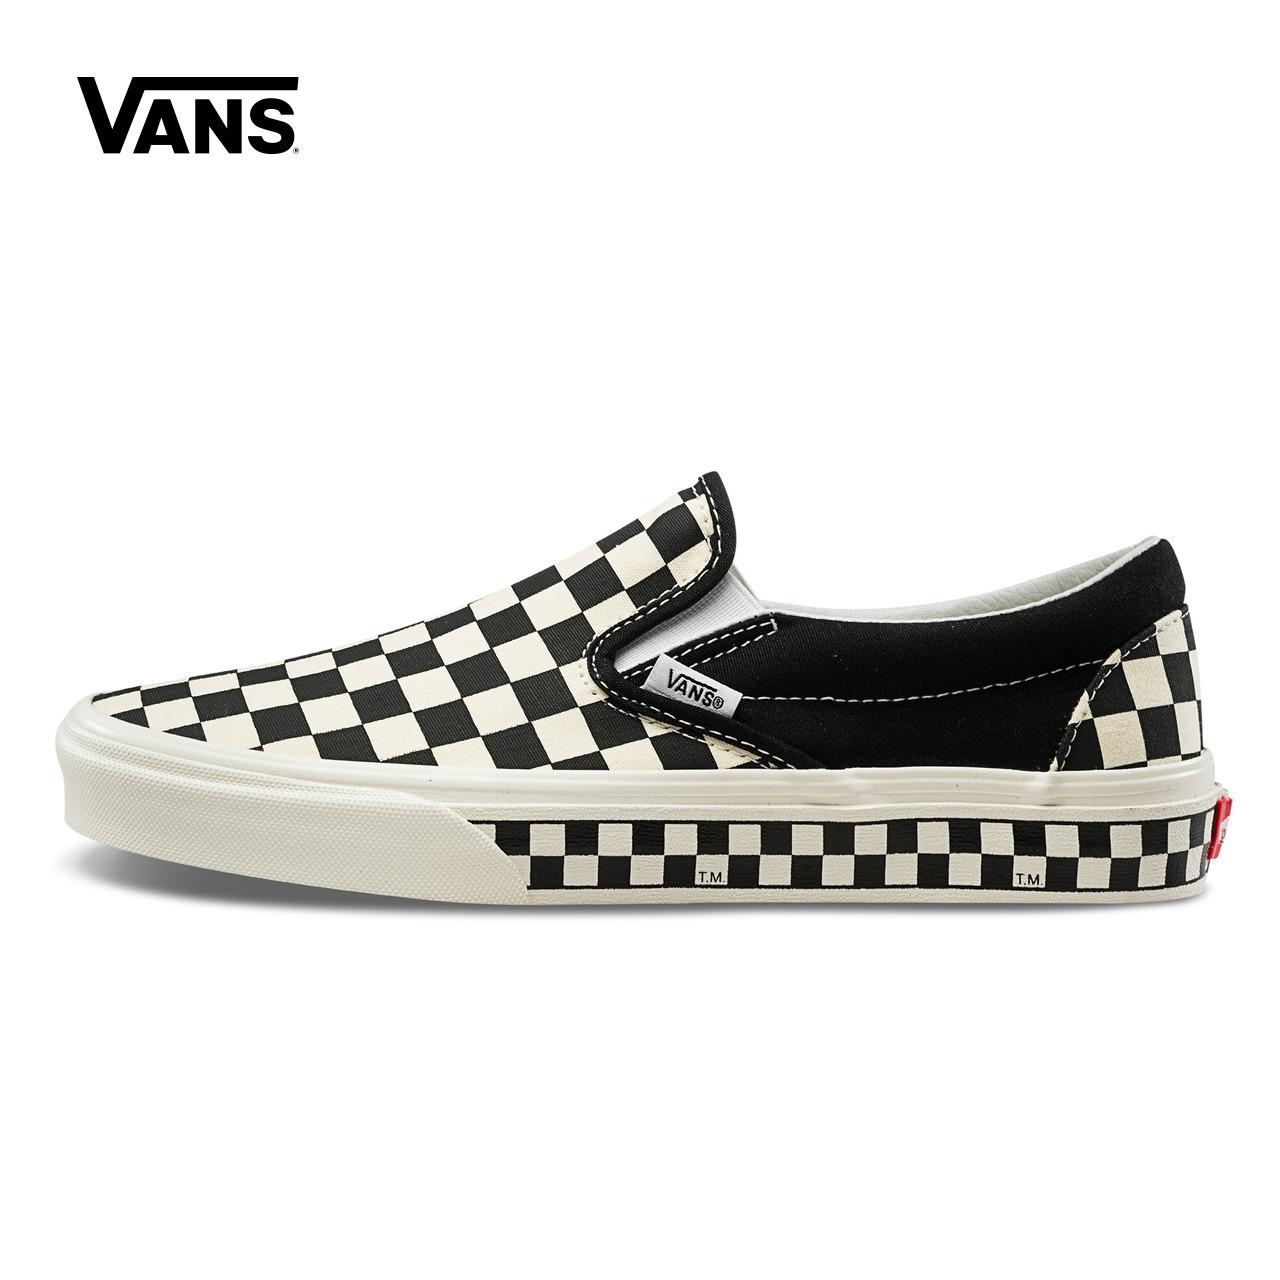 Vans/ модель этот весна в черный из денег холст обувь CLASSIC SLIP-ON VN0A38F7PV9